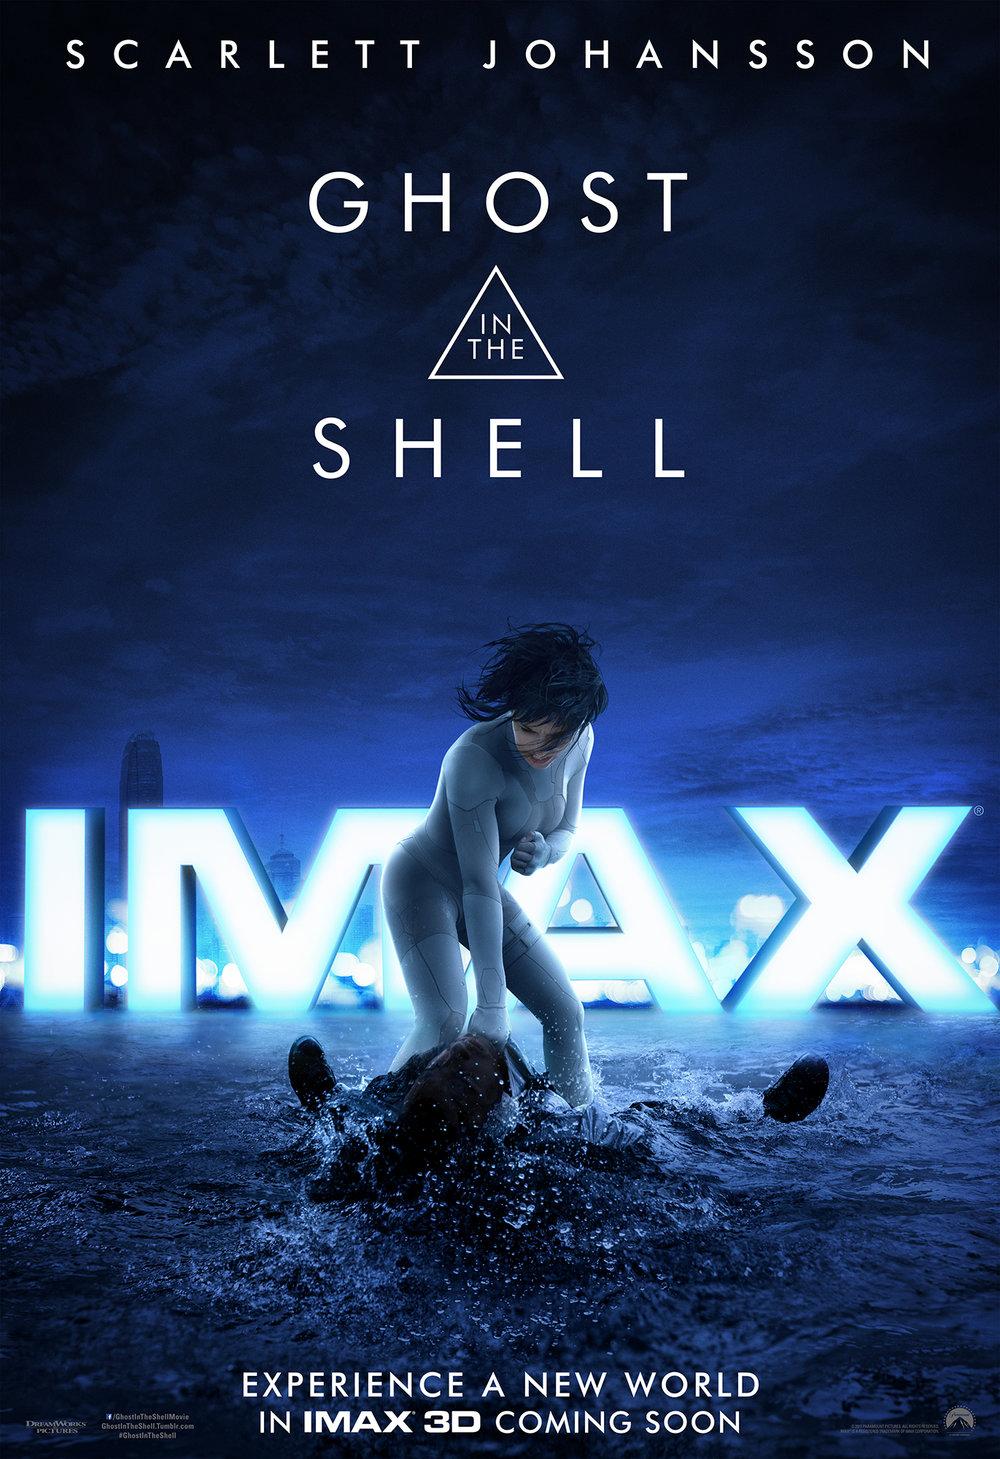 GITS_Intl_Oversized 1-Sheet_Teaser_IMAX_100dpi.jpg